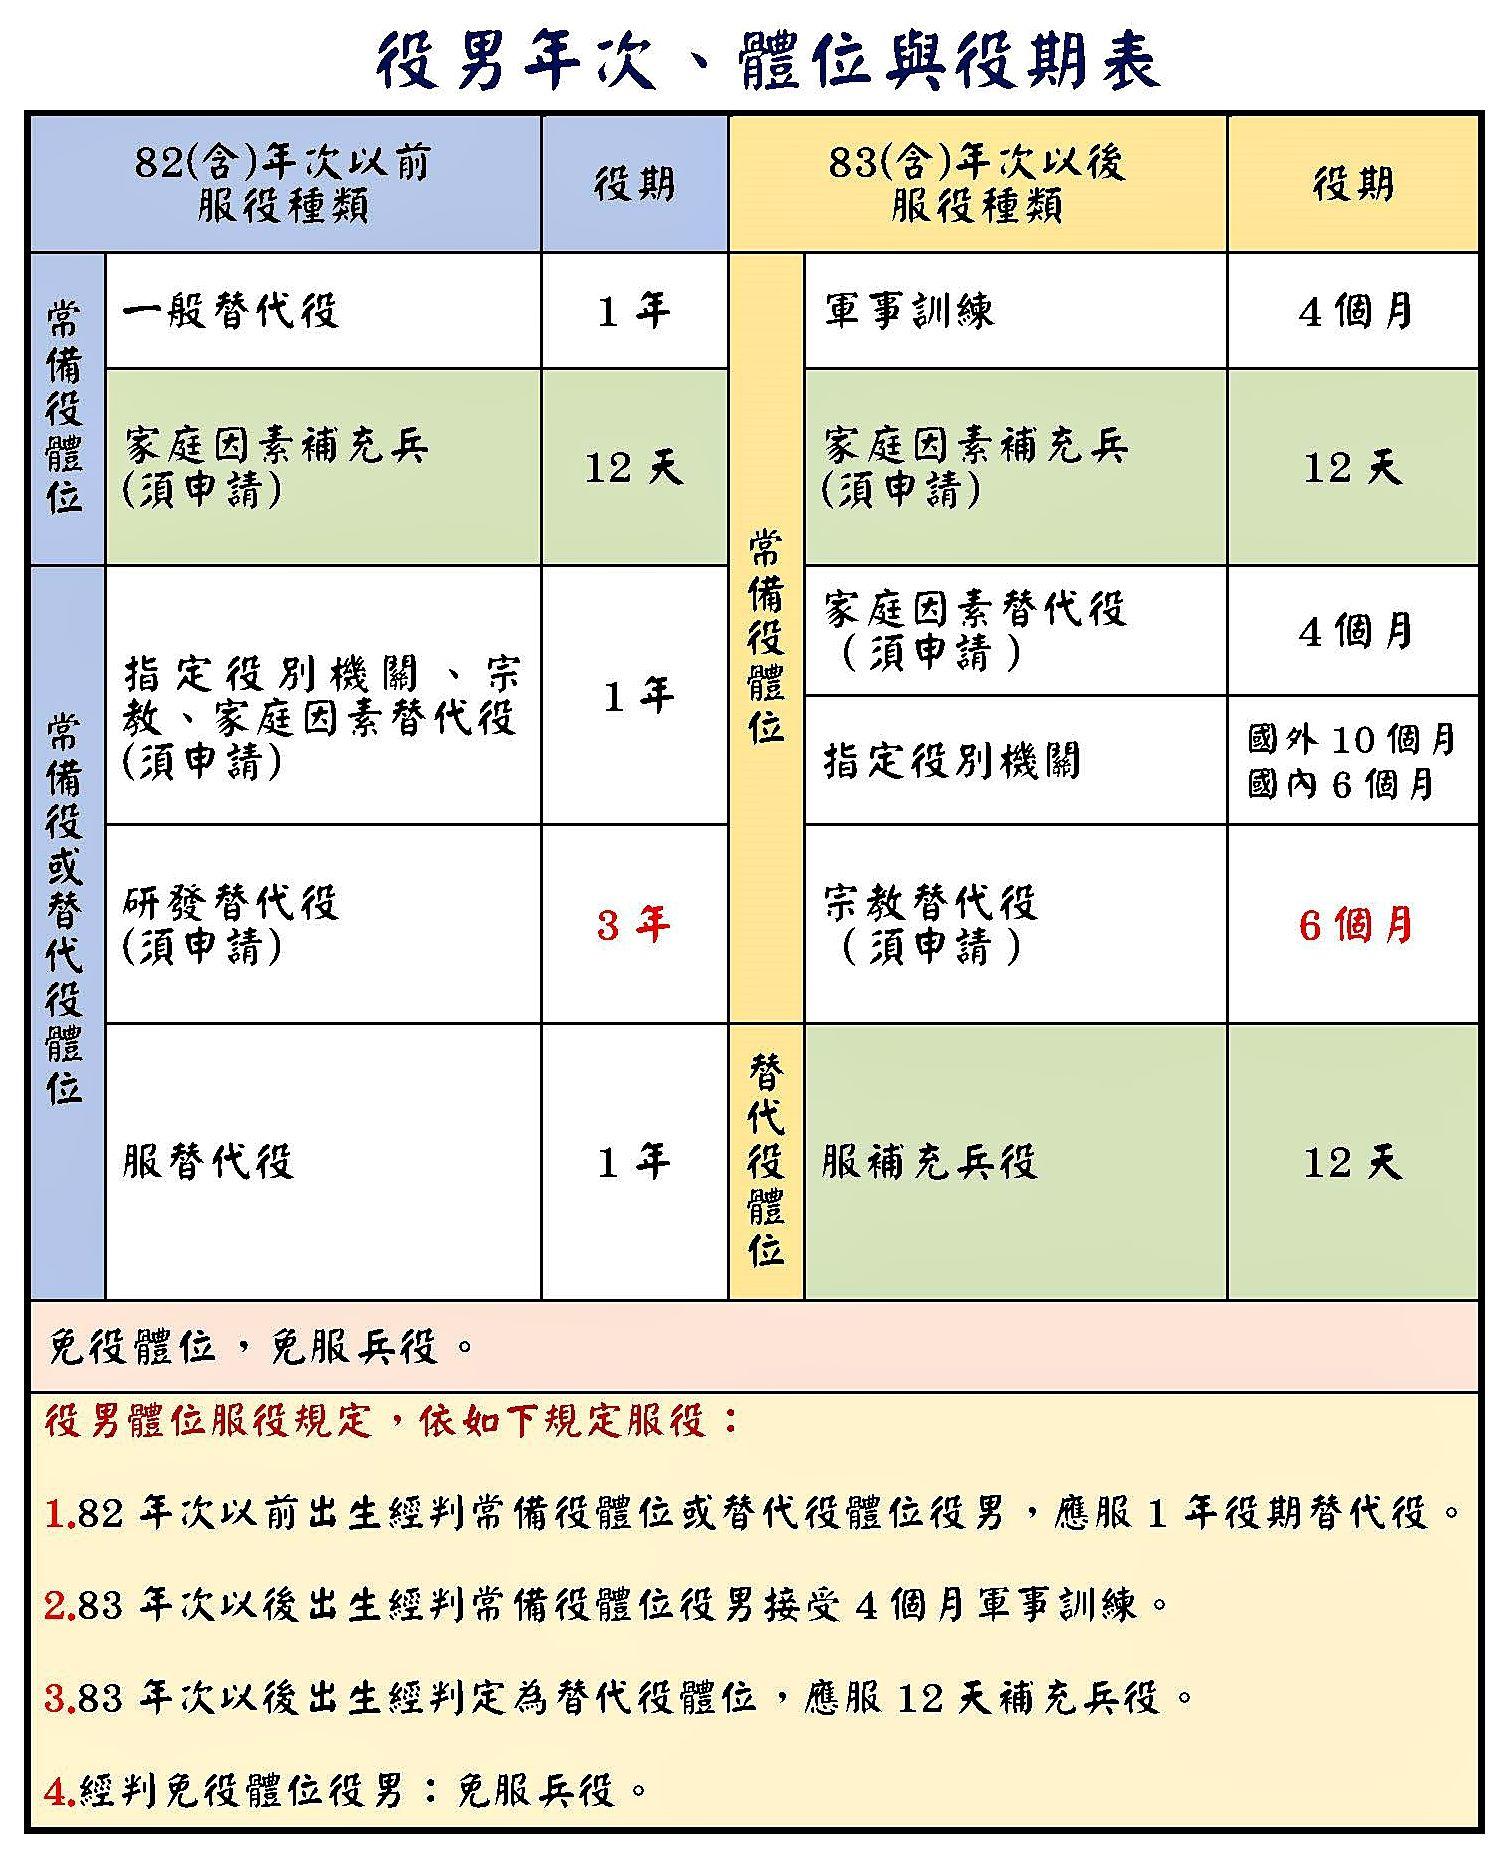 役男年次、體位與役期表.jpg